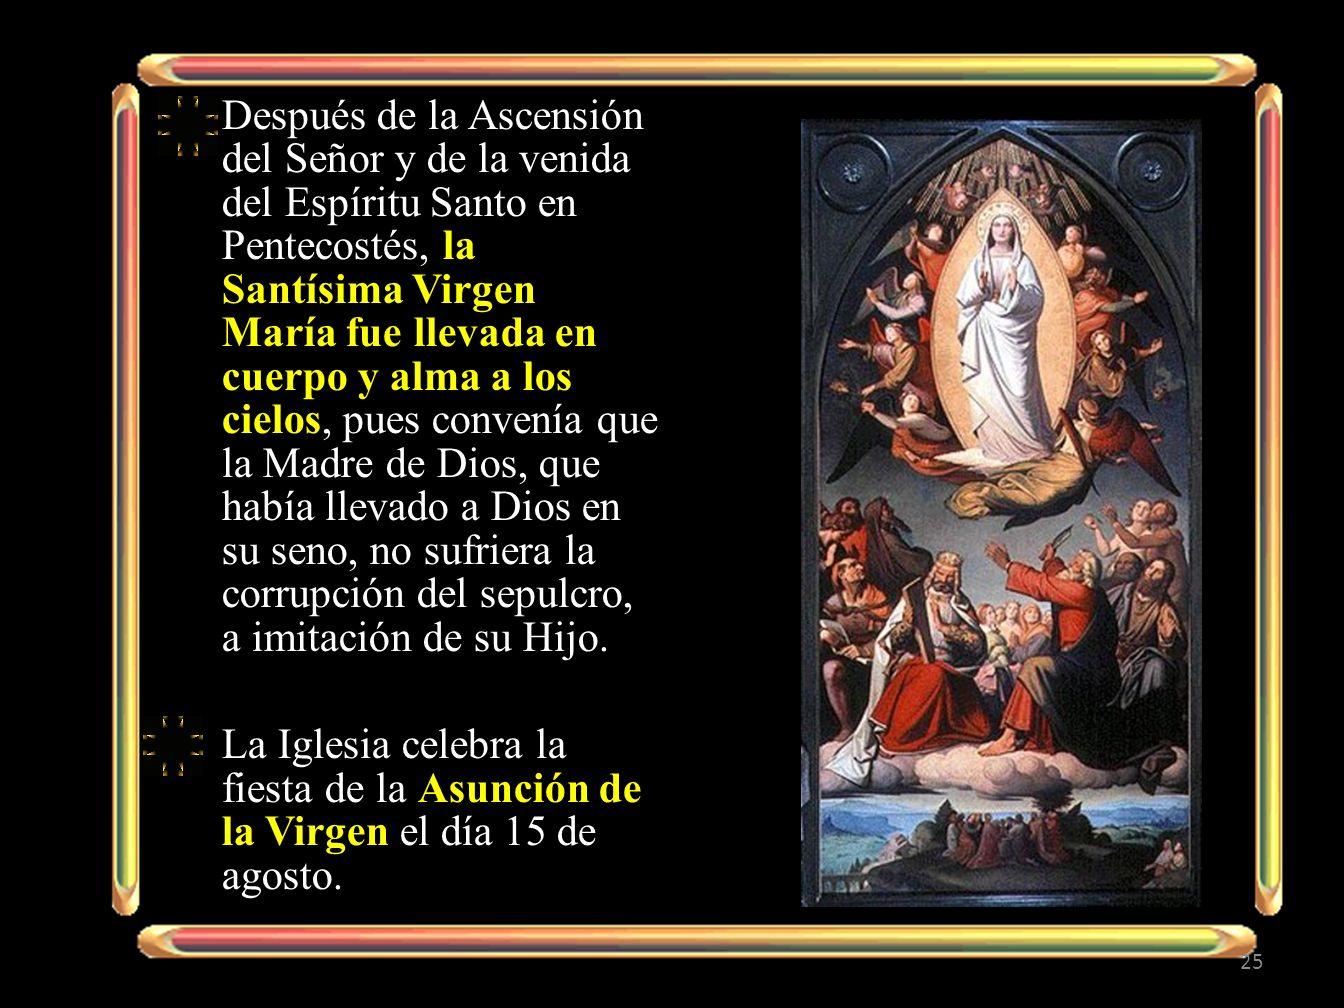 Después de la Ascensión del Señor y de la venida del Espíritu Santo en Pentecostés, la Santísima Virgen María fue llevada en cuerpo y alma a los cielos, pues convenía que la Madre de Dios, que había llevado a Dios en su seno, no sufriera la corrupción del sepulcro, a imitación de su Hijo.